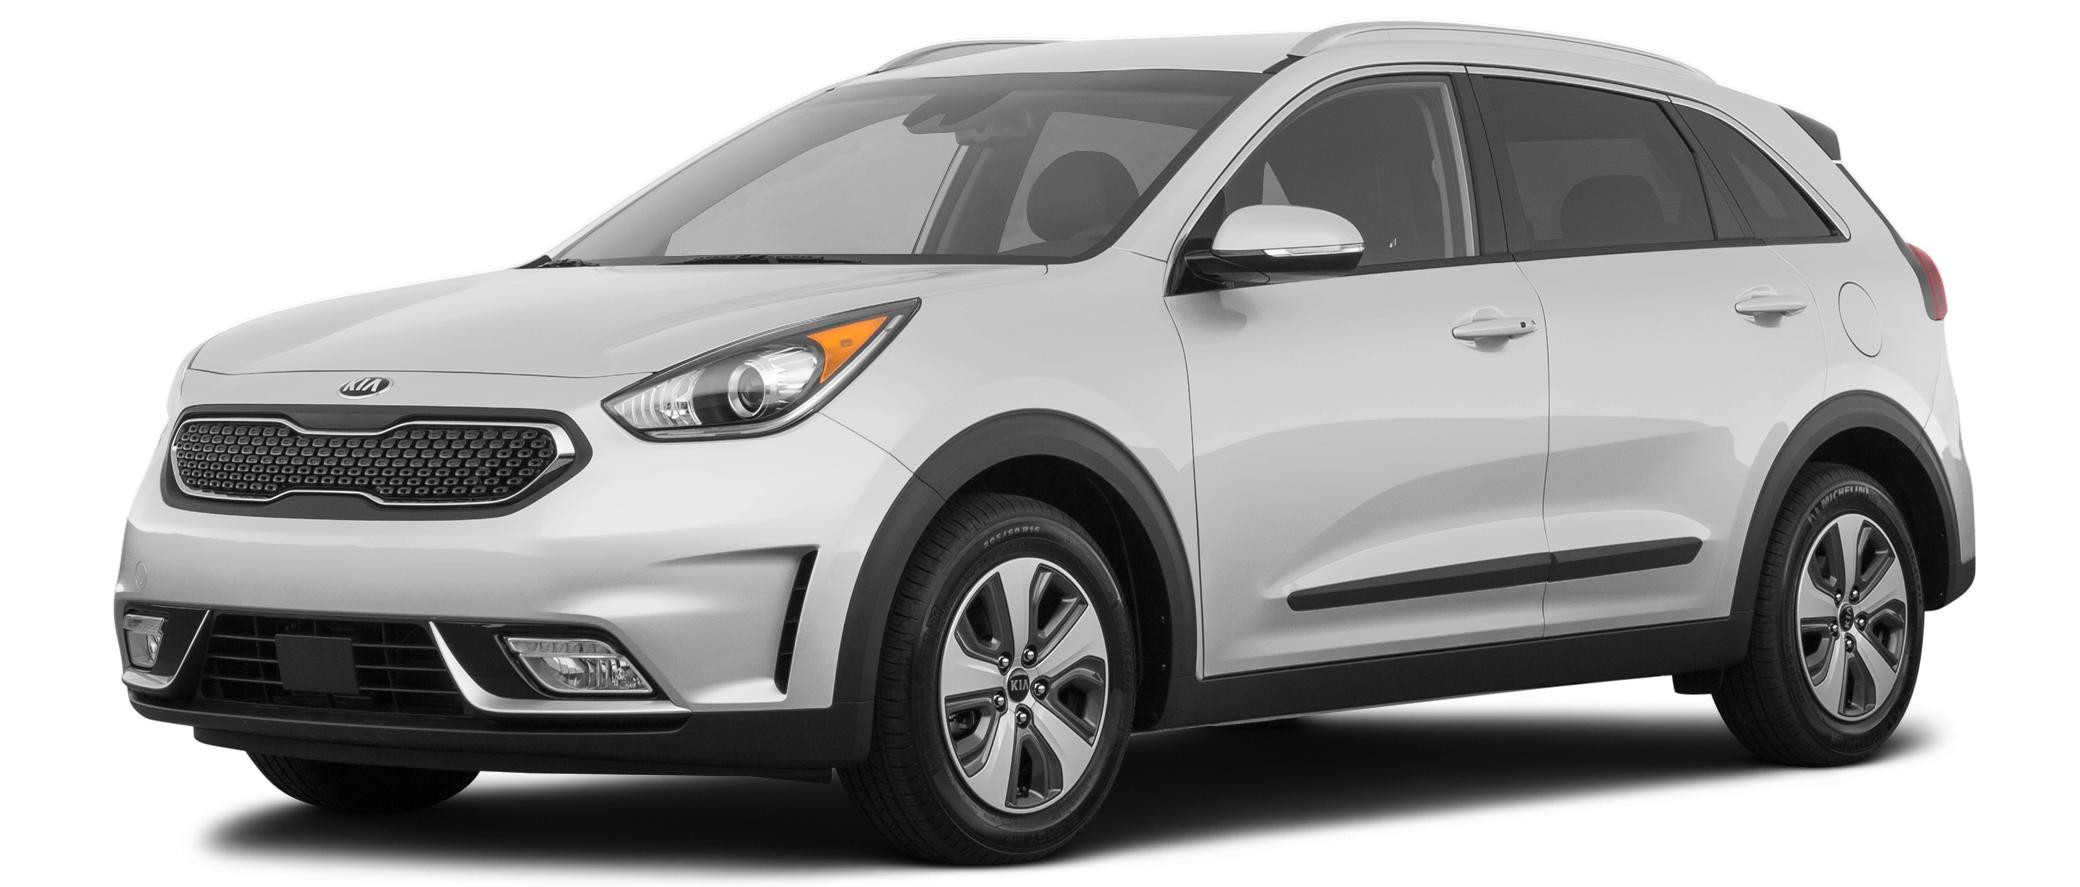 2019 Kia Niro SUV FE